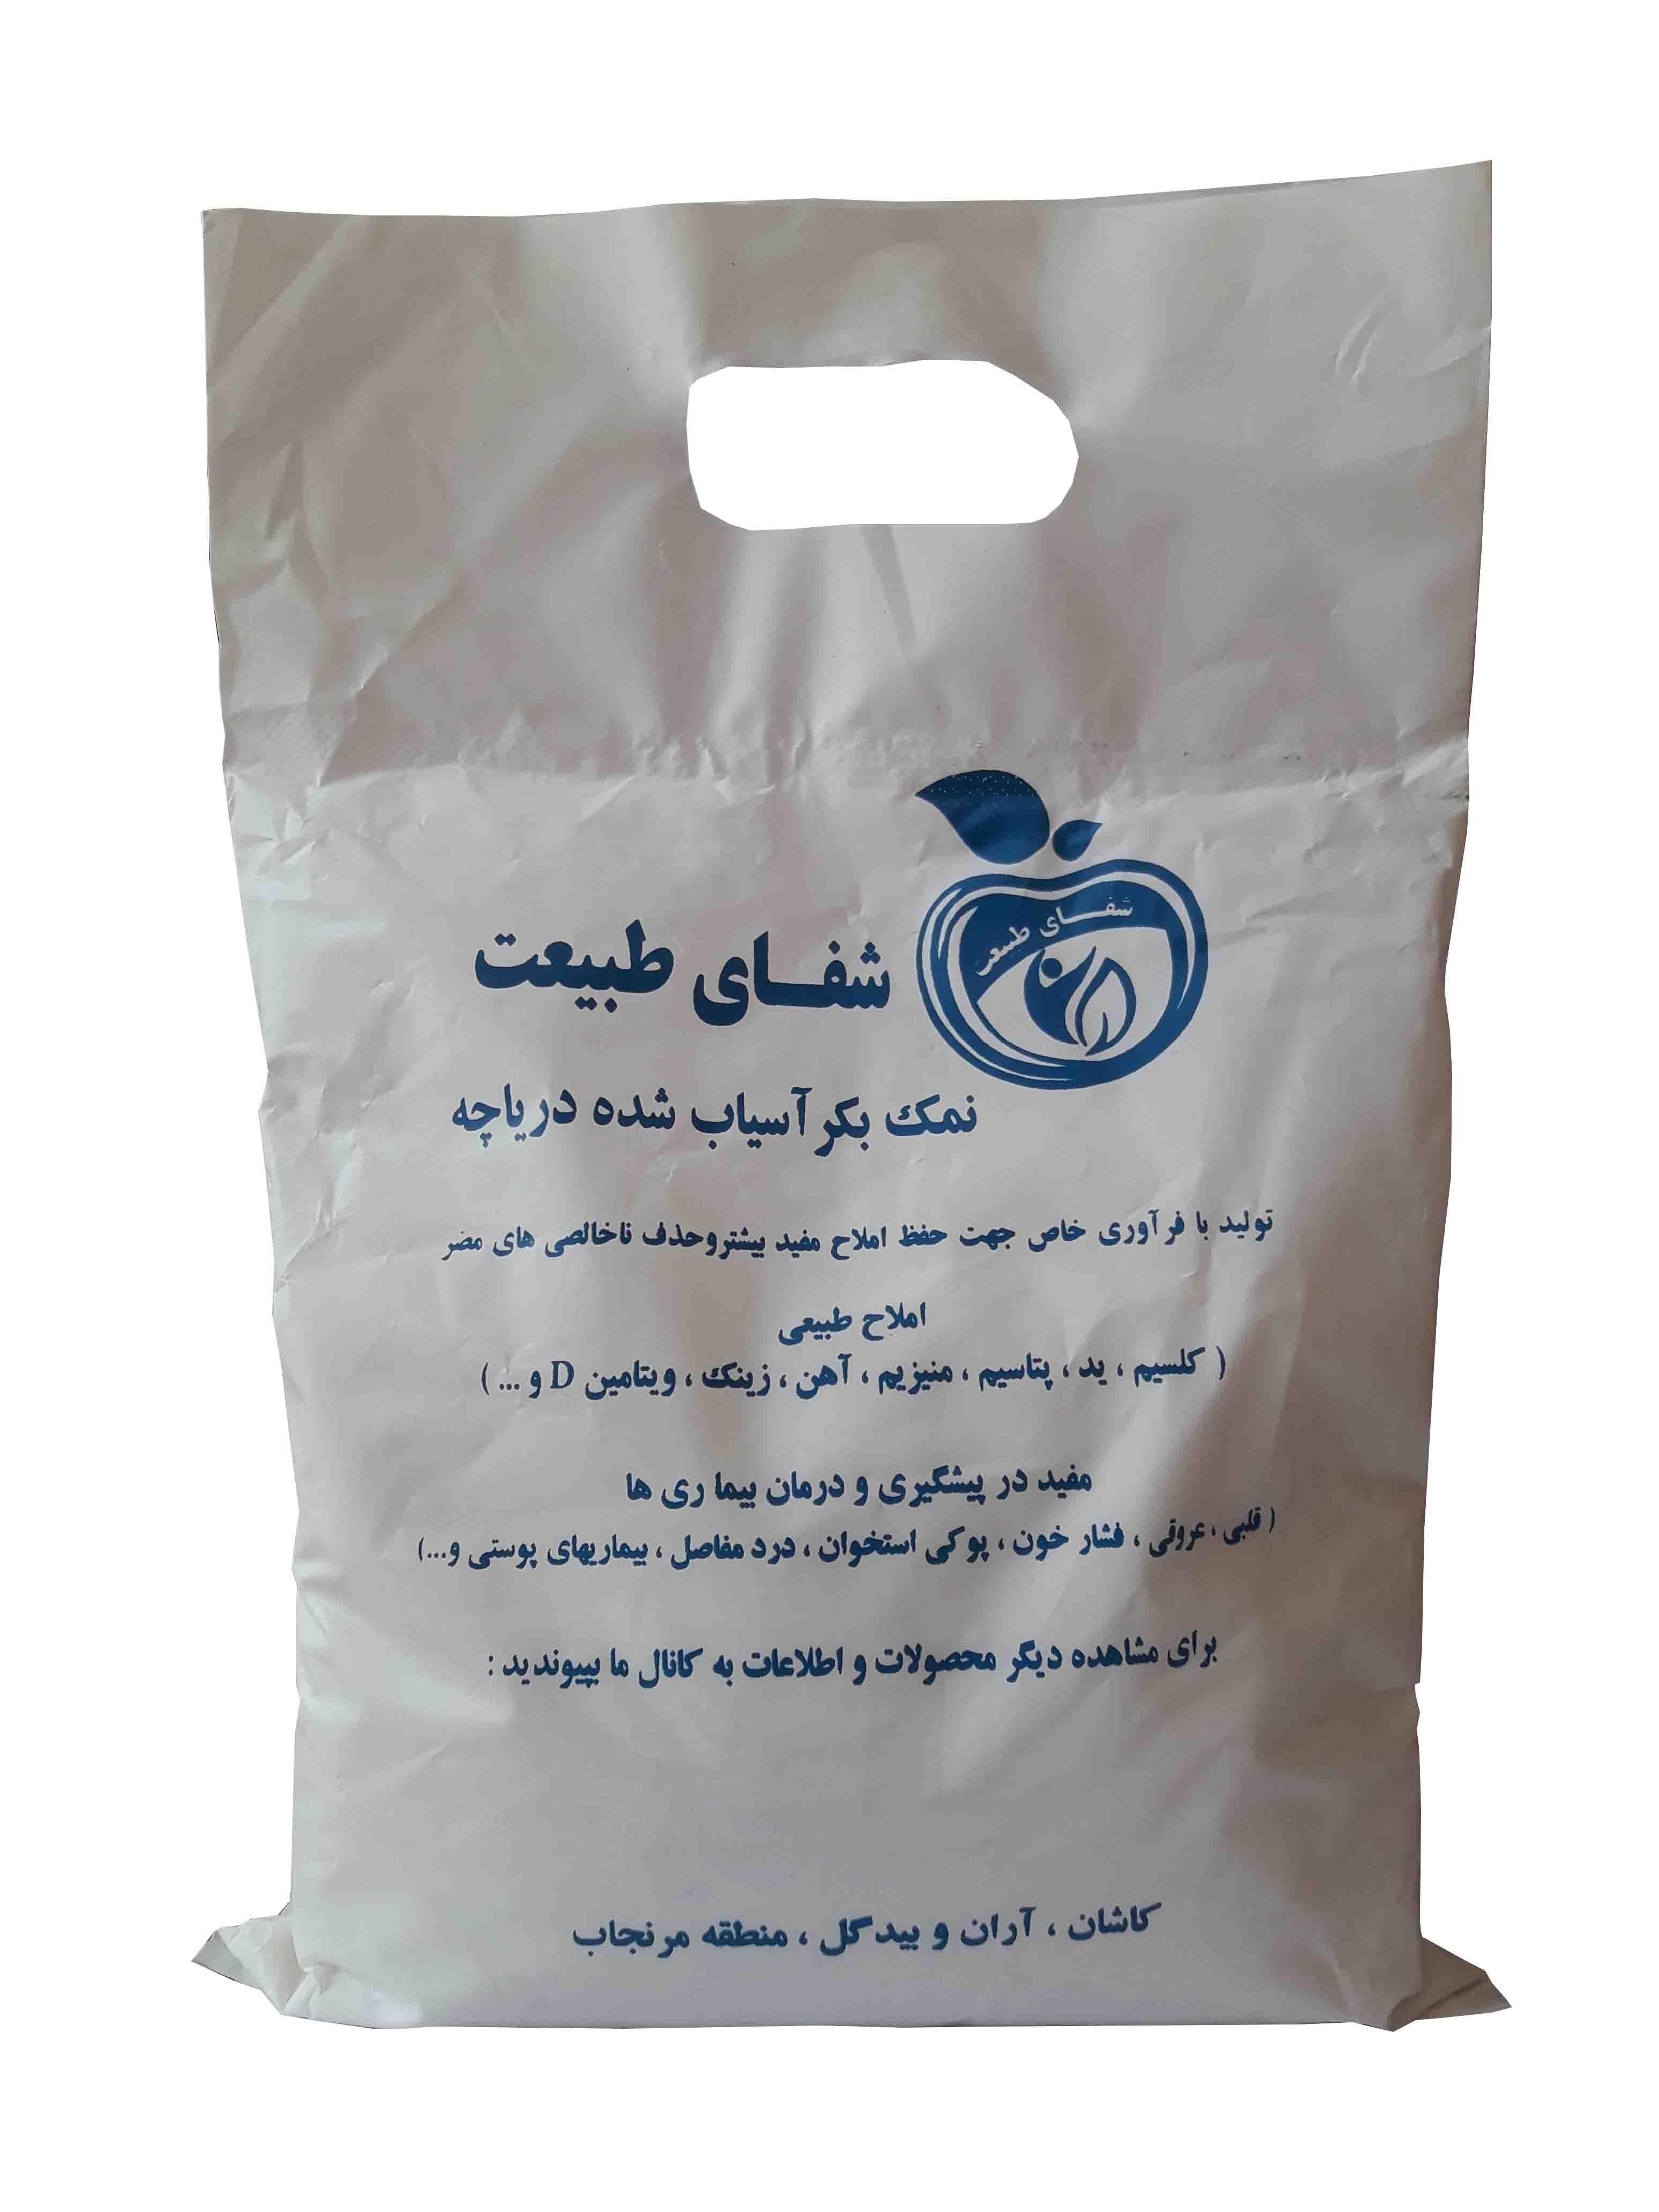 نمک آسیاب شده دریاچه آران و بیدگل کاشان 1 کیلو